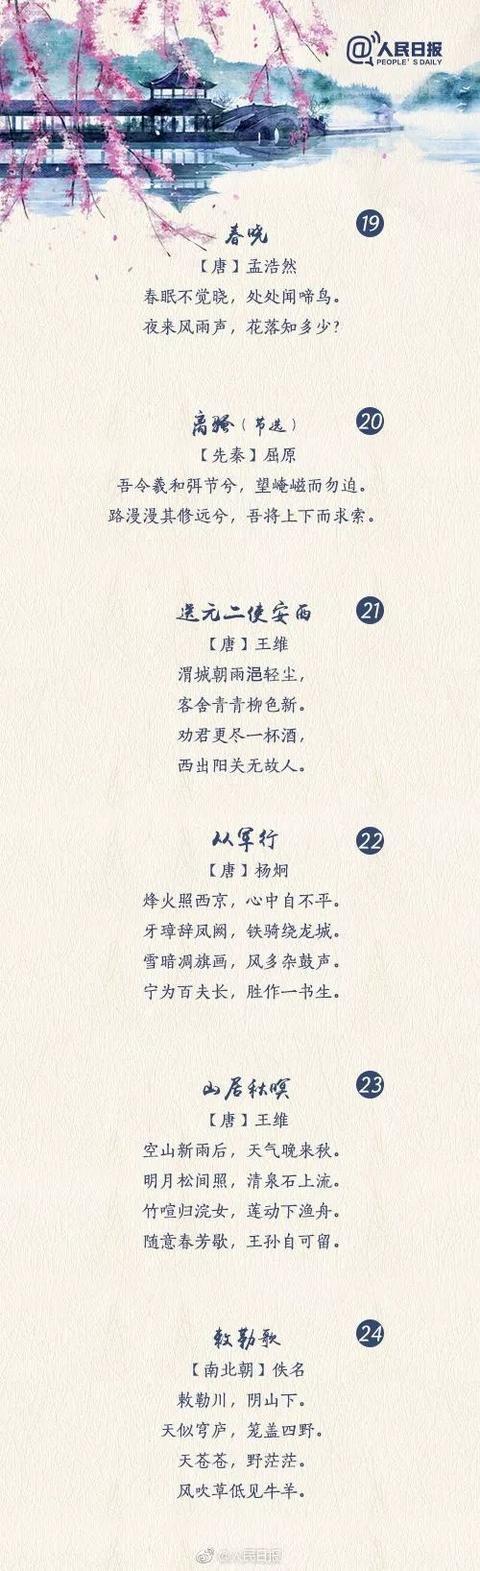 人民日报推荐:50首经典古诗文名句 精美图片版,可打印图片 No.5